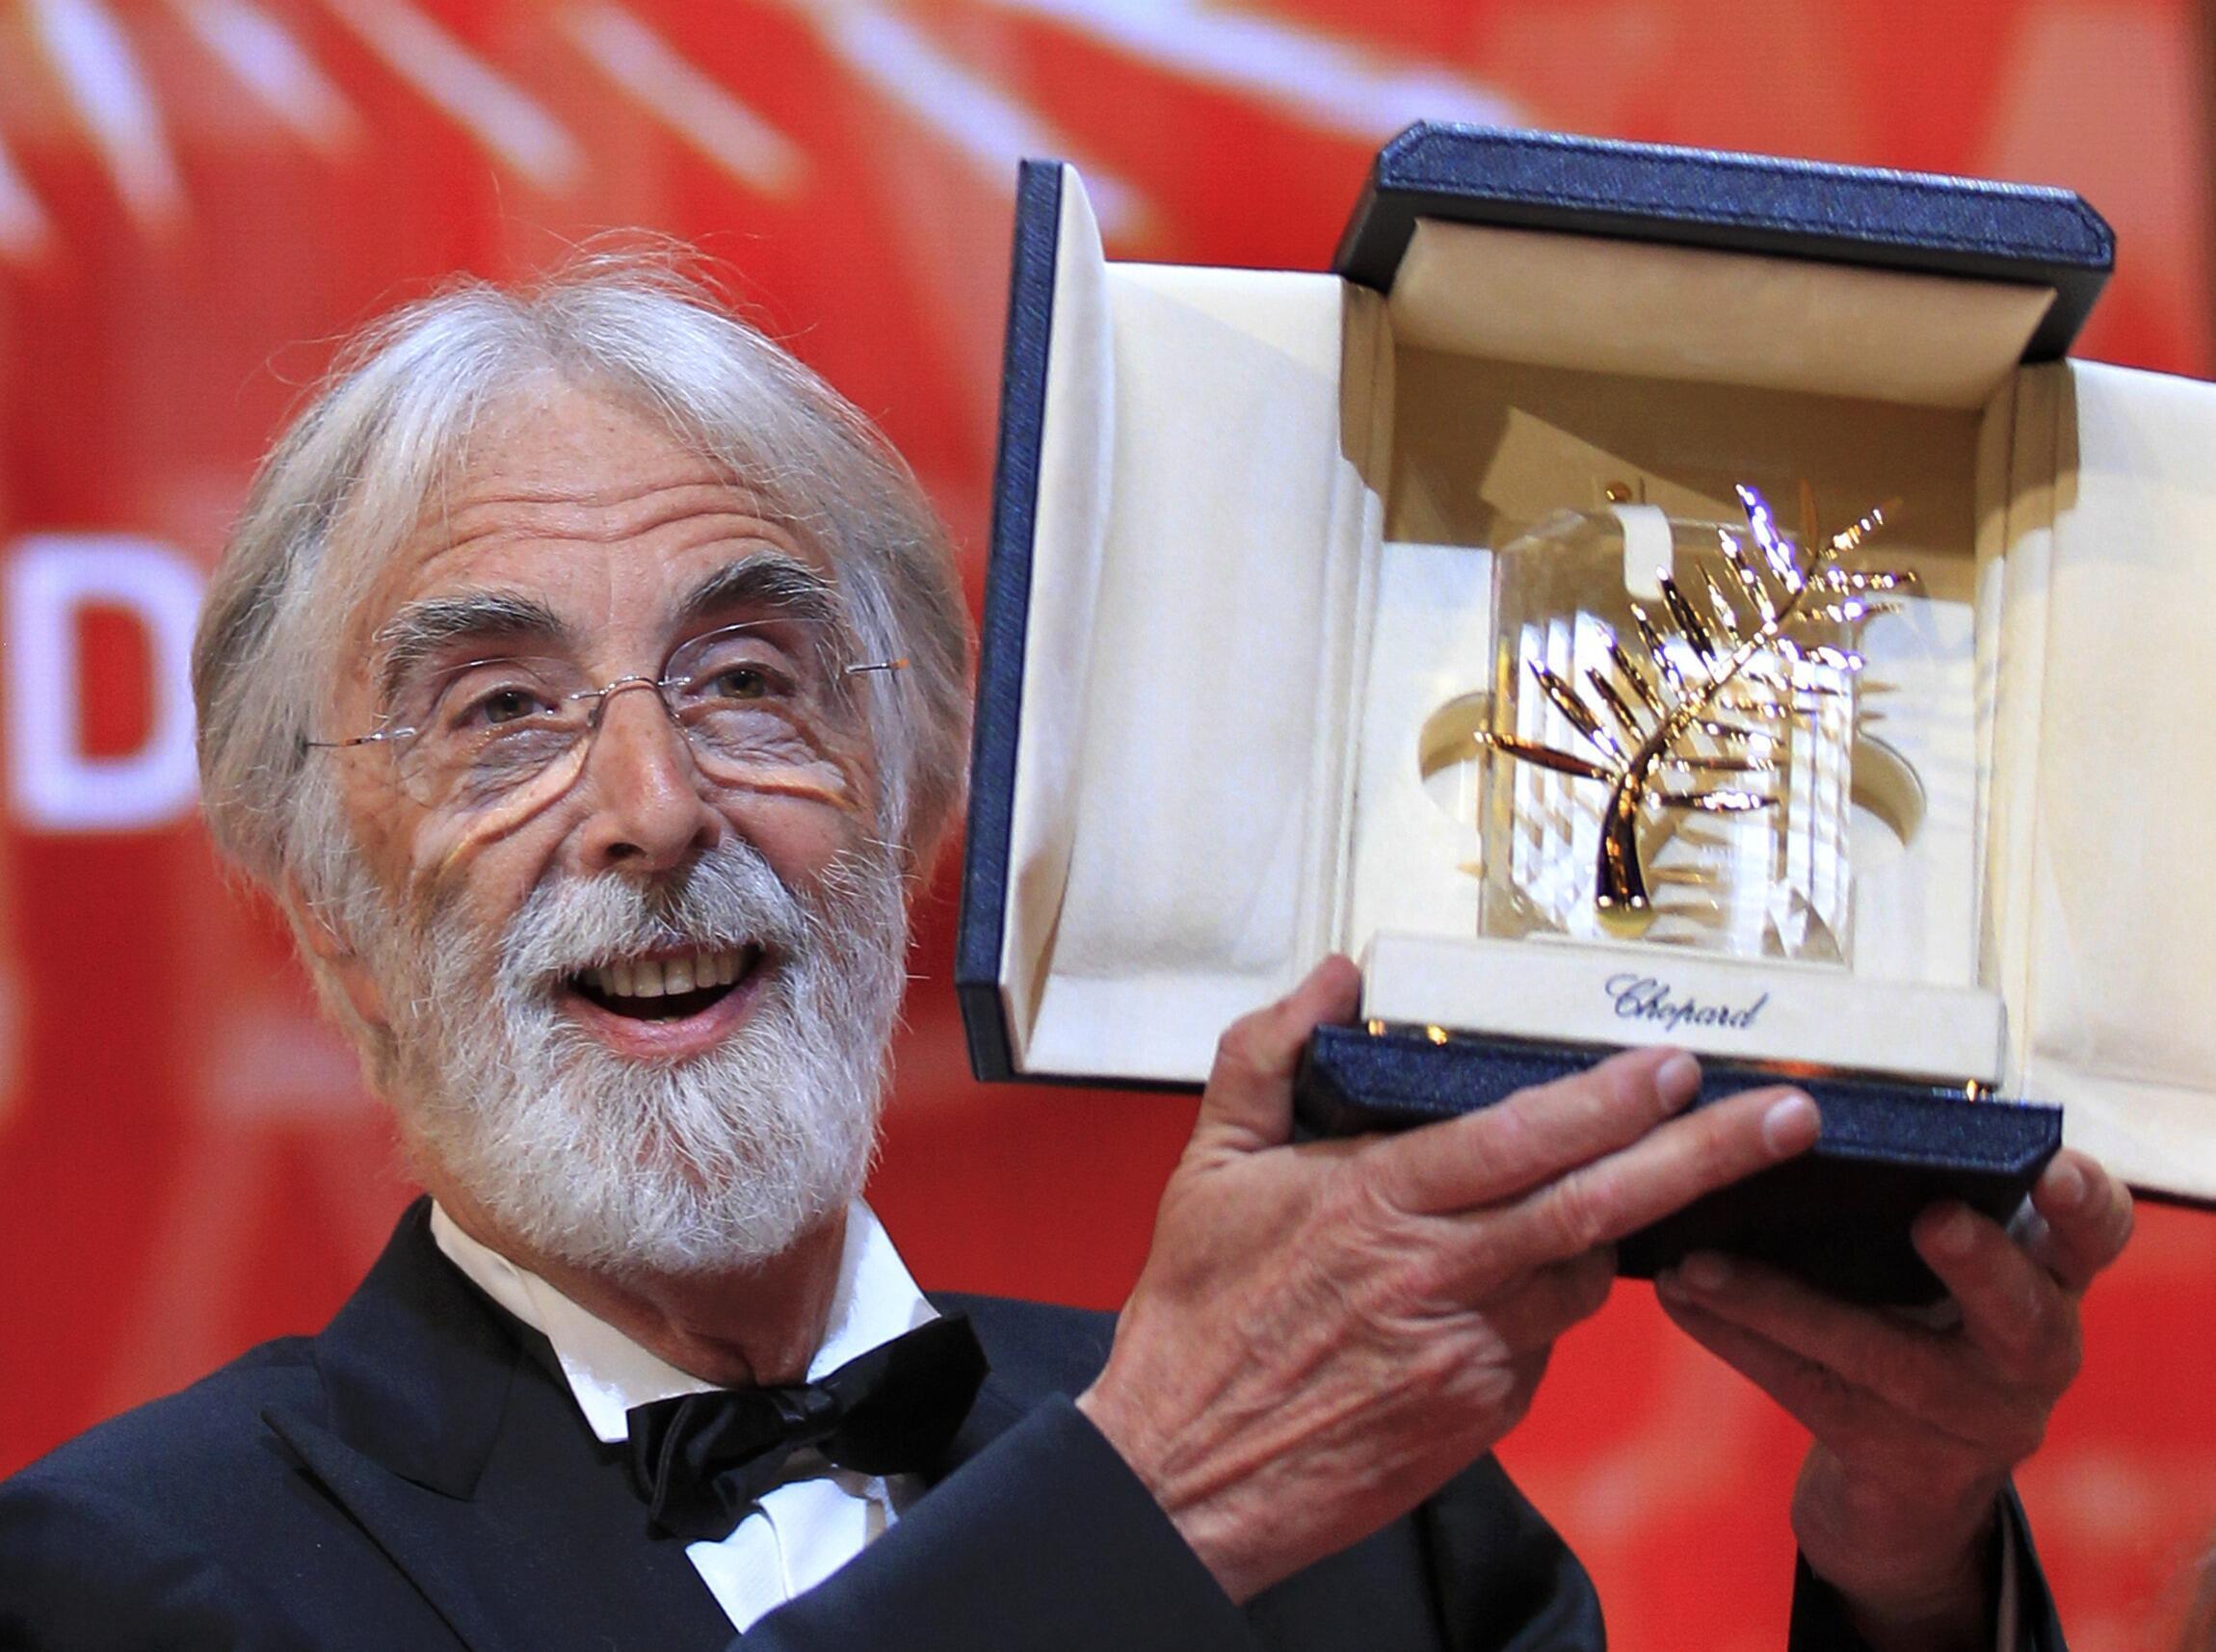 """O diretor austríaco Michael Haneke levou a Palma de Ouro com o filme """"Amour"""", em 2012."""